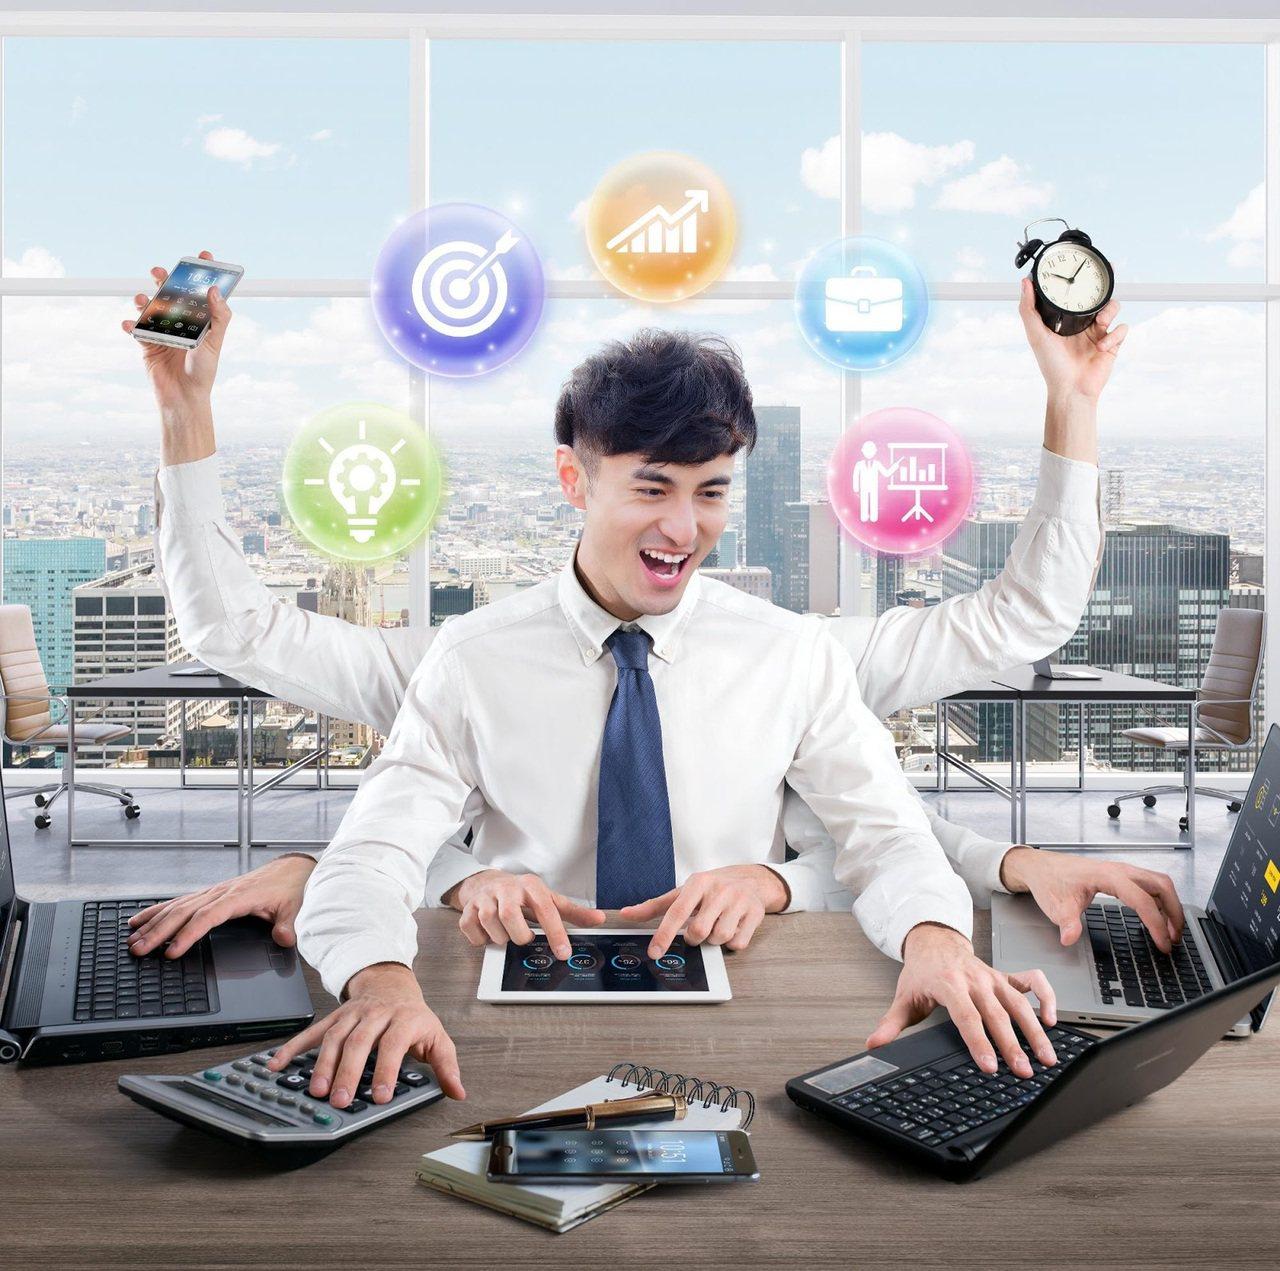 學習力攸關商場的競爭力。 圖/益思維品牌 提供